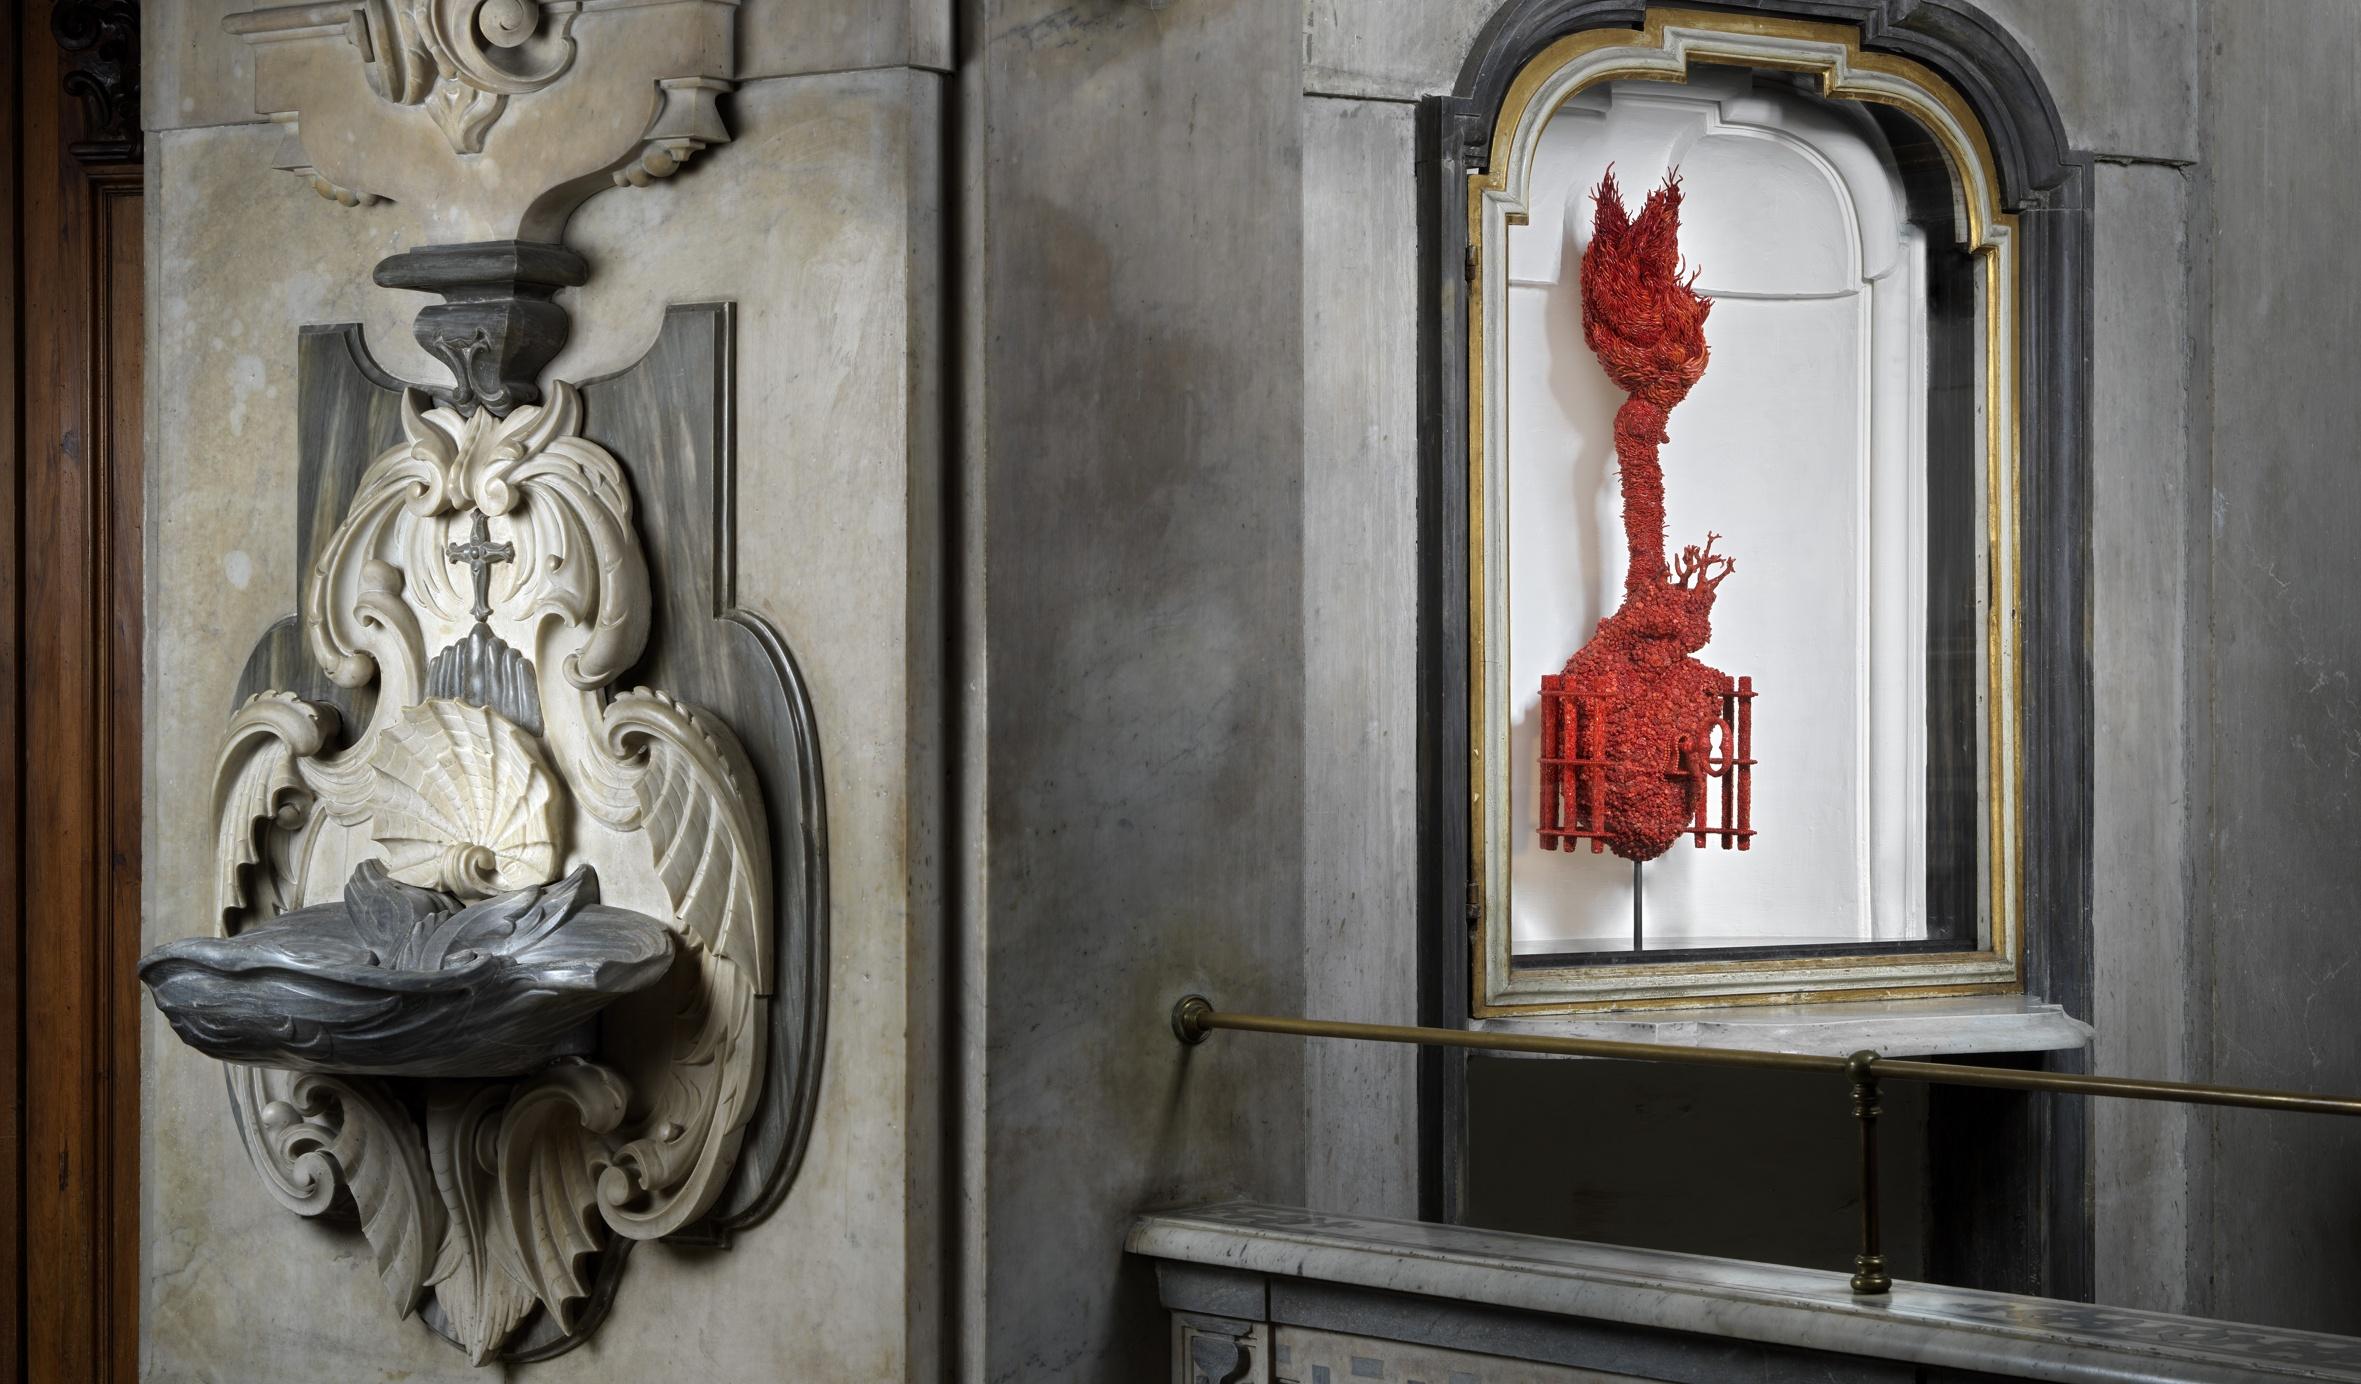 Fabre meets Caravaggio. Ecco le immagini delle grandi sculture al Pio Monte della Misericordia di Napoli